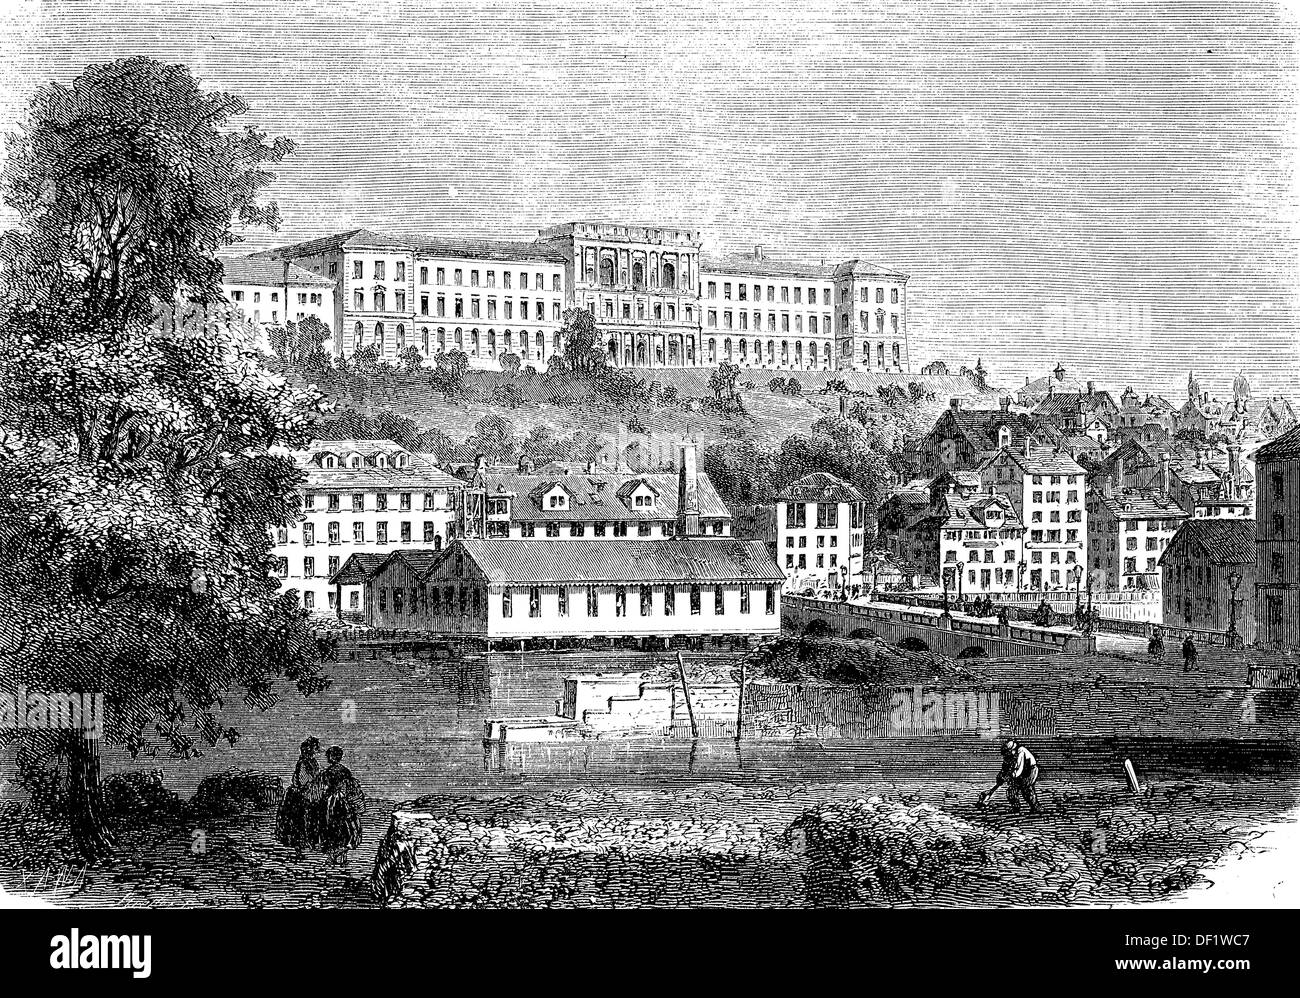 Il Politecnico federale di Zurigo, Svizzera, xilografia dal 1864 Immagini Stock